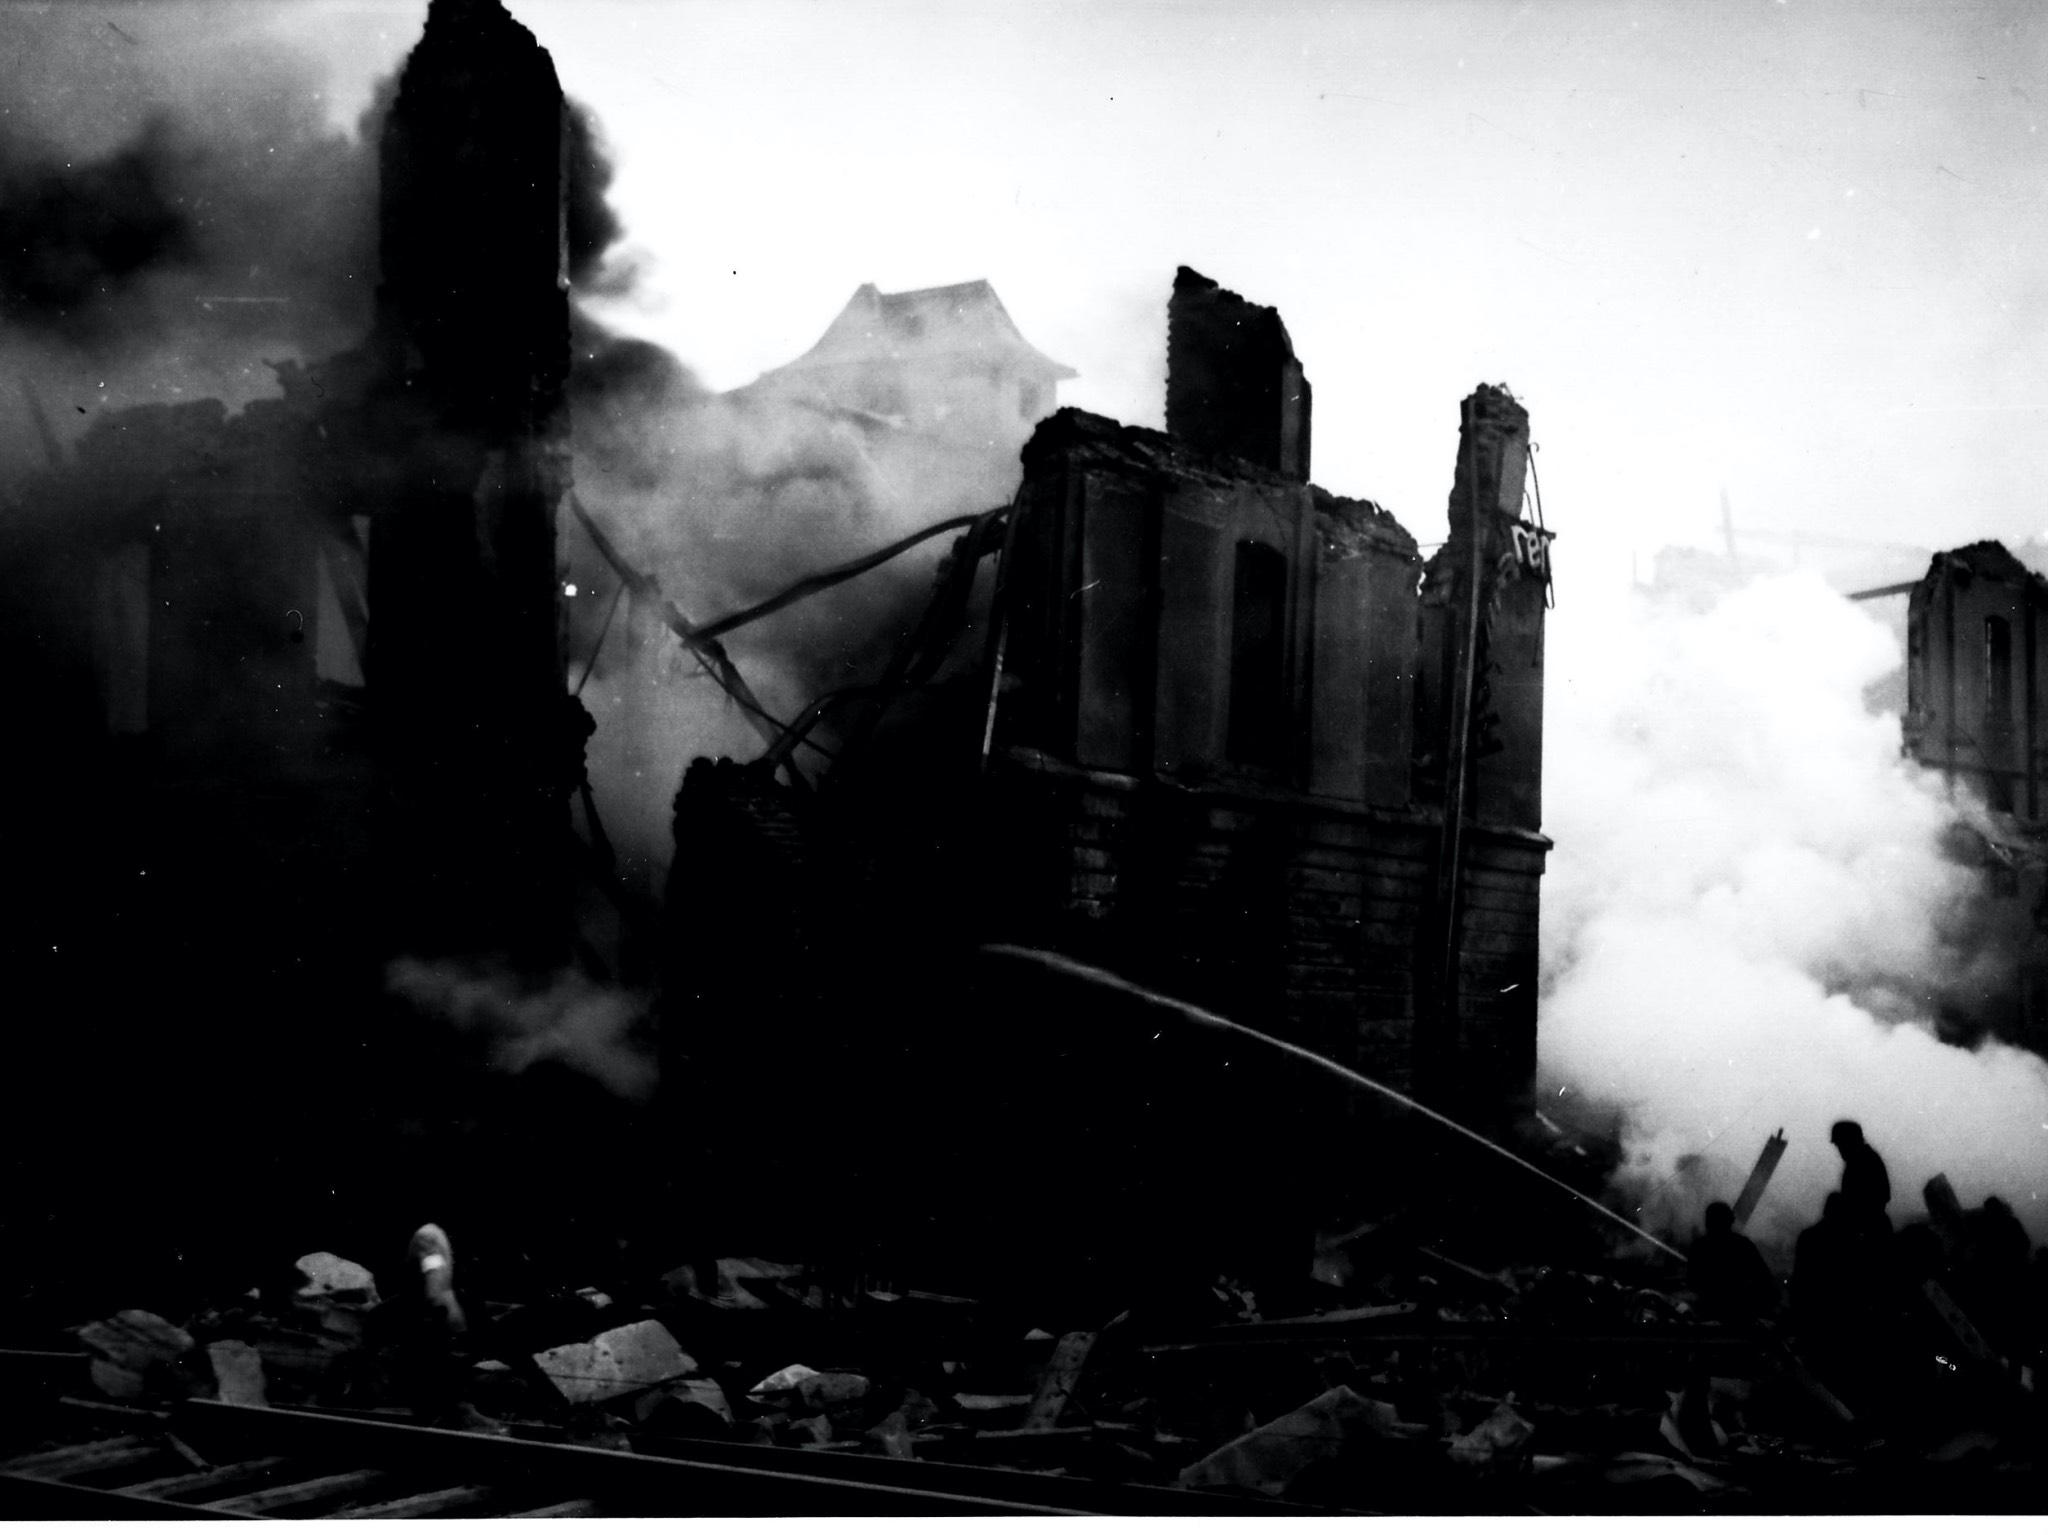 Die Bombardierung Ansbach 1945: Die zerstörte Firma Schmetzer. Foto: Stadtarchiv Ansbach